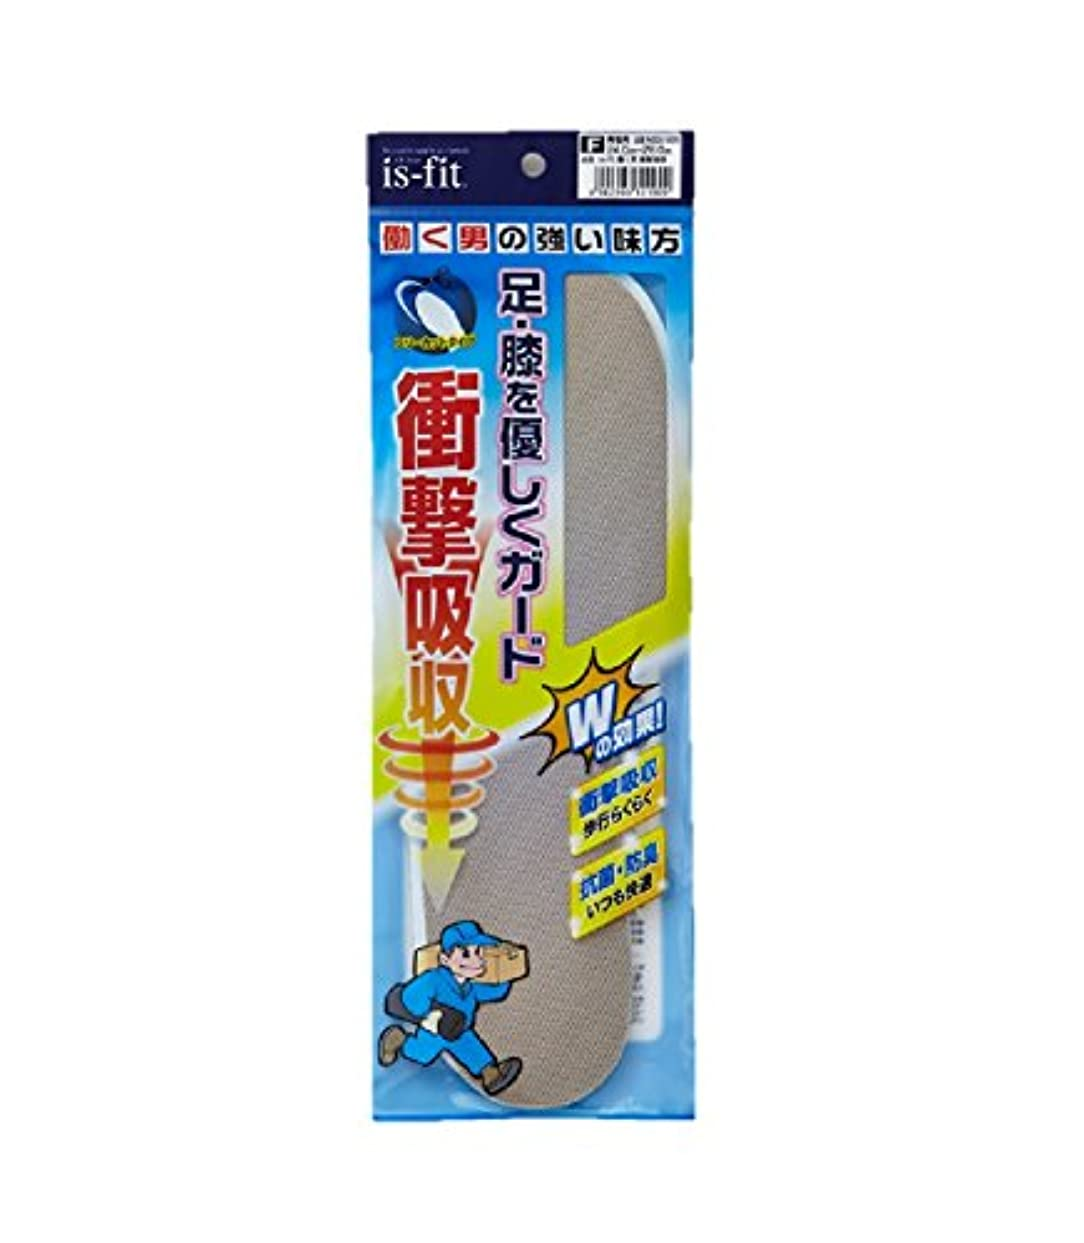 図信頼マイナスis-fit 働く男 衝撃吸収インソール 25.0~28.0cm 男性用